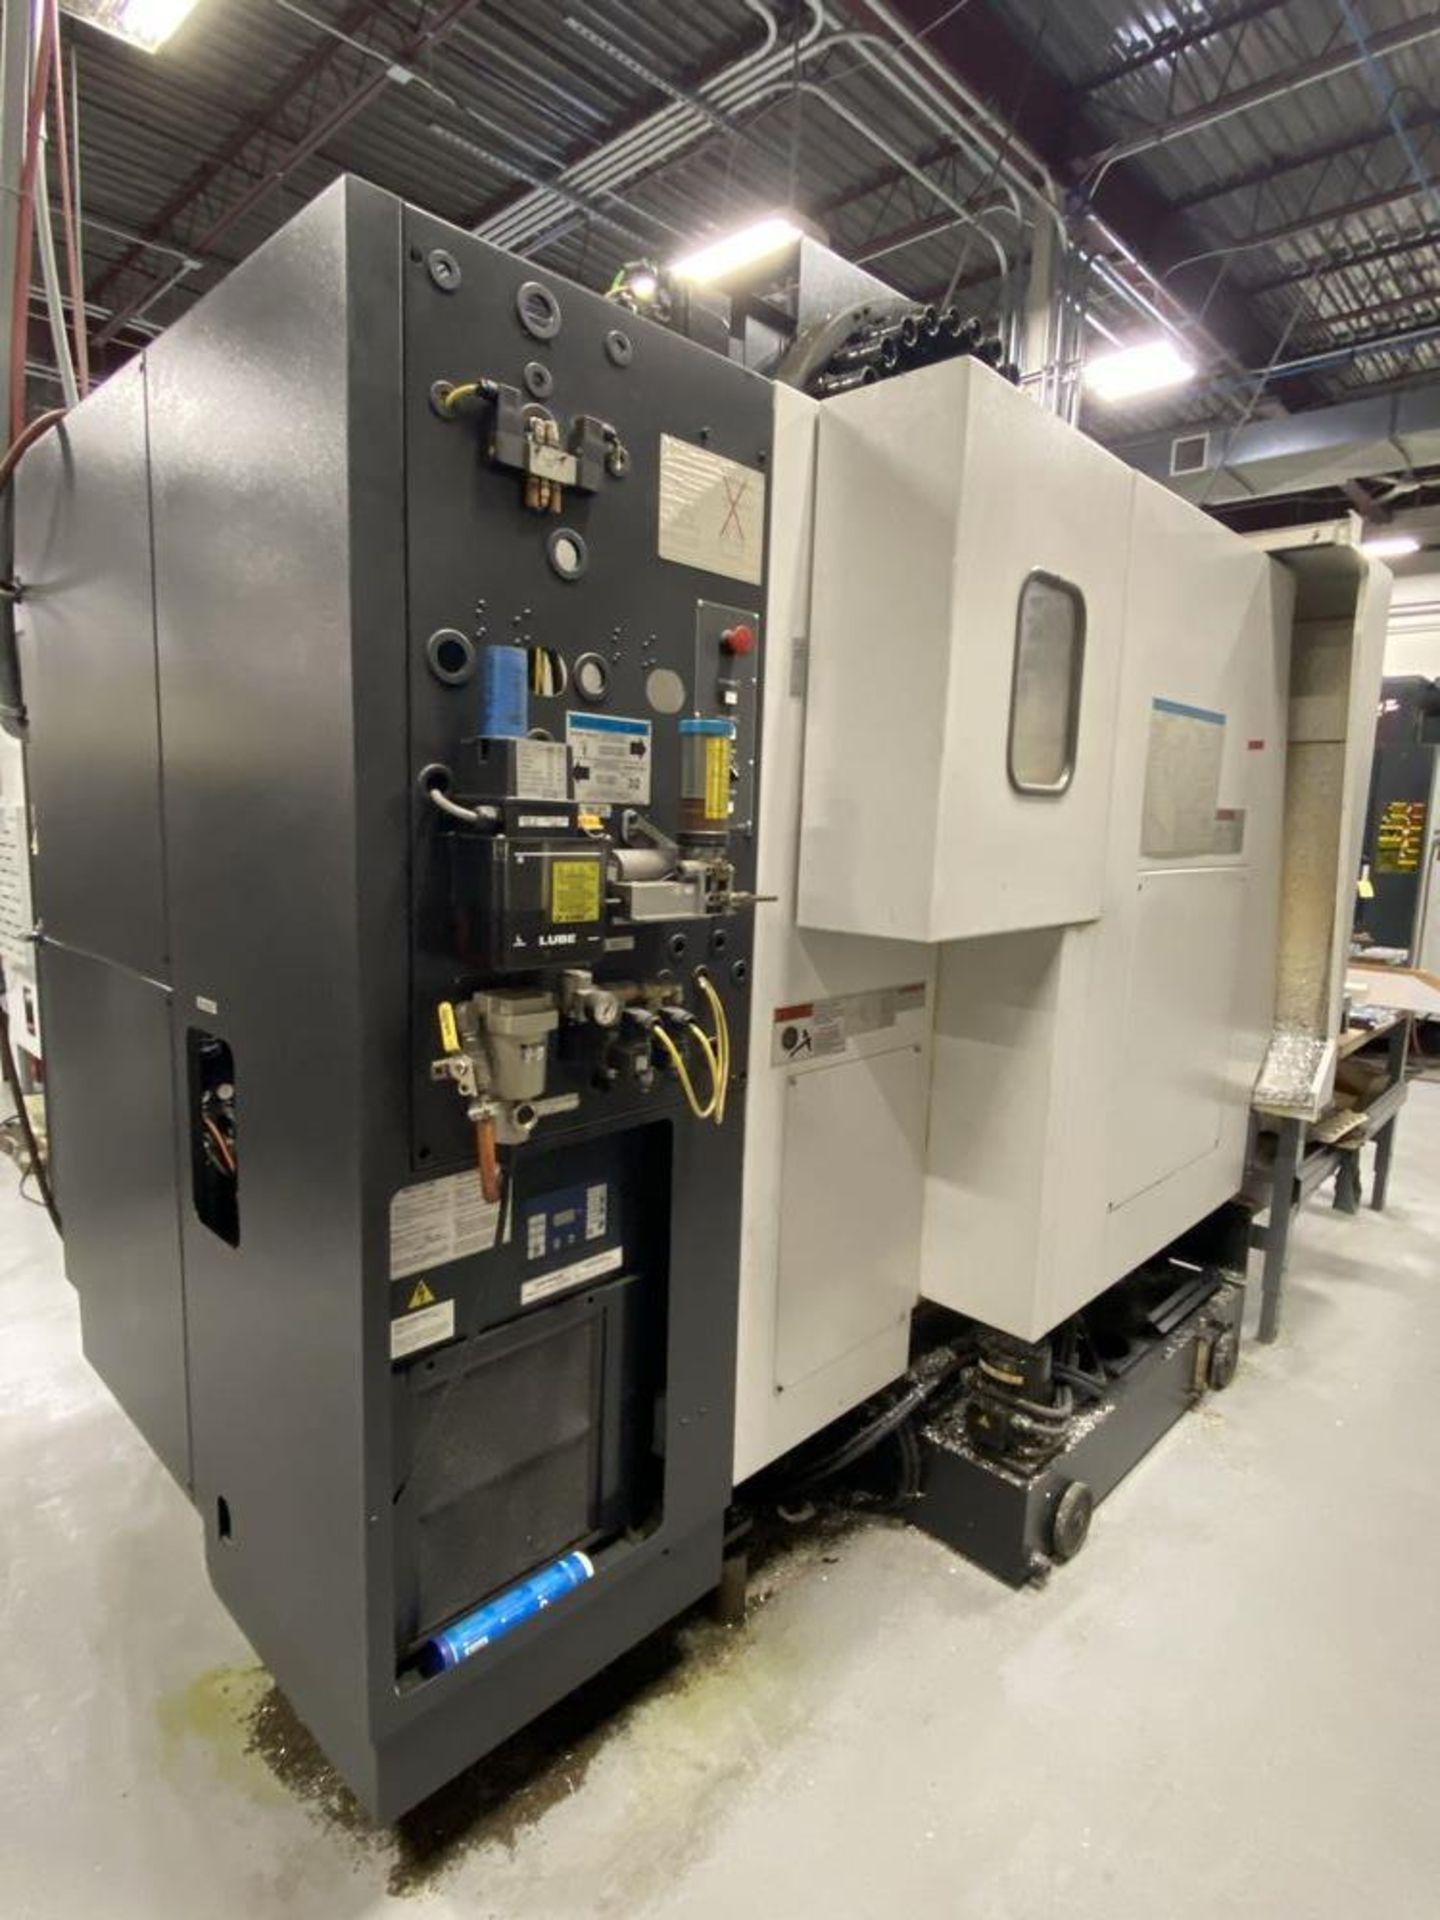 20″X, 16″Y, 20″Z, Mazak VCN-410A, 2004, Fusion 640, 30 ATC, 12,000 RPM, Cat-40